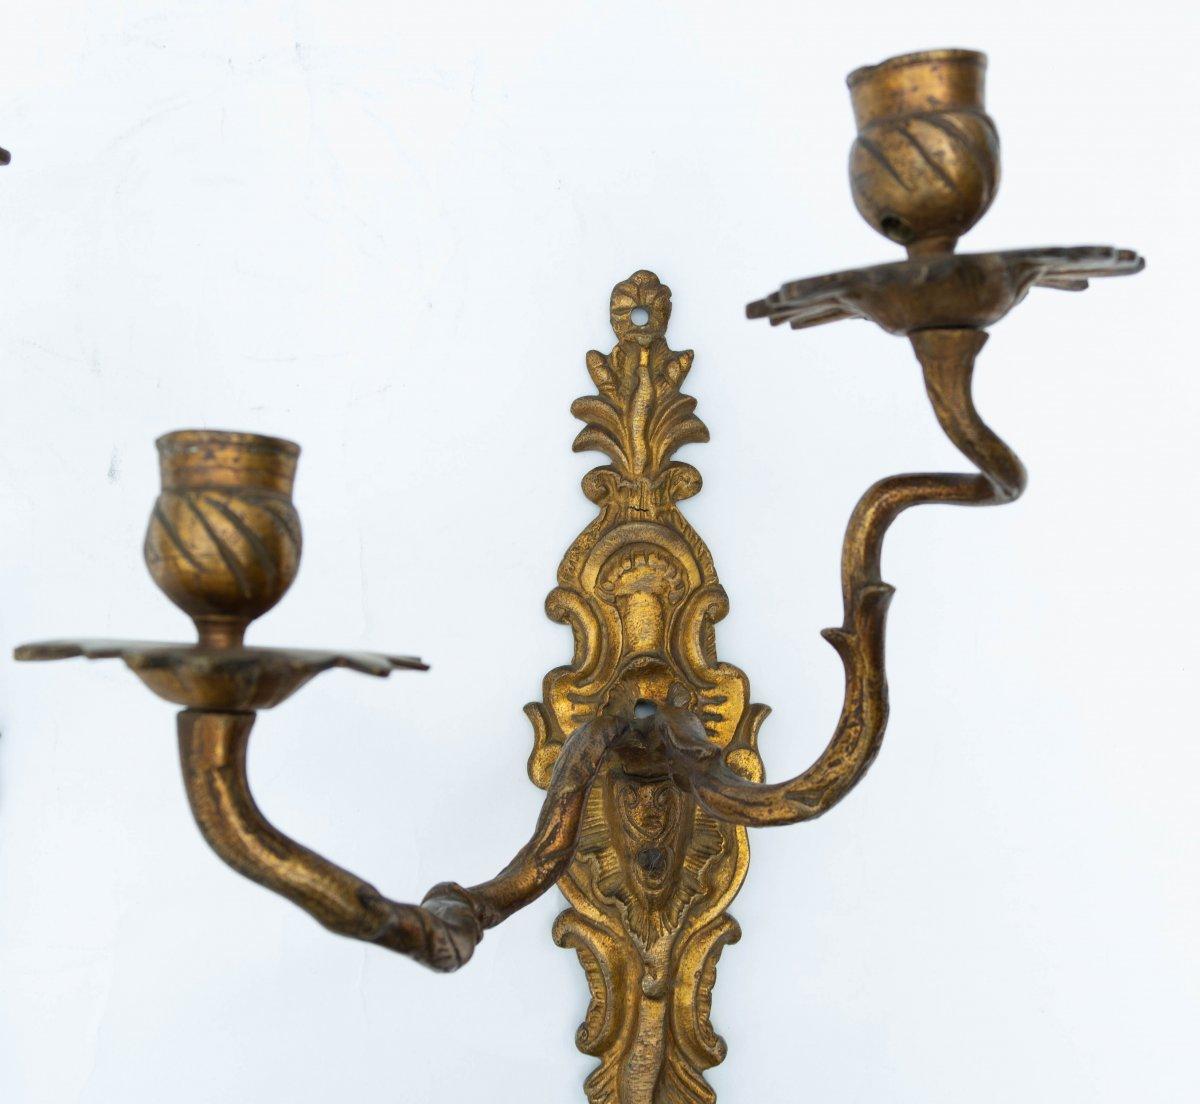 jf-antiquites-diapo-3